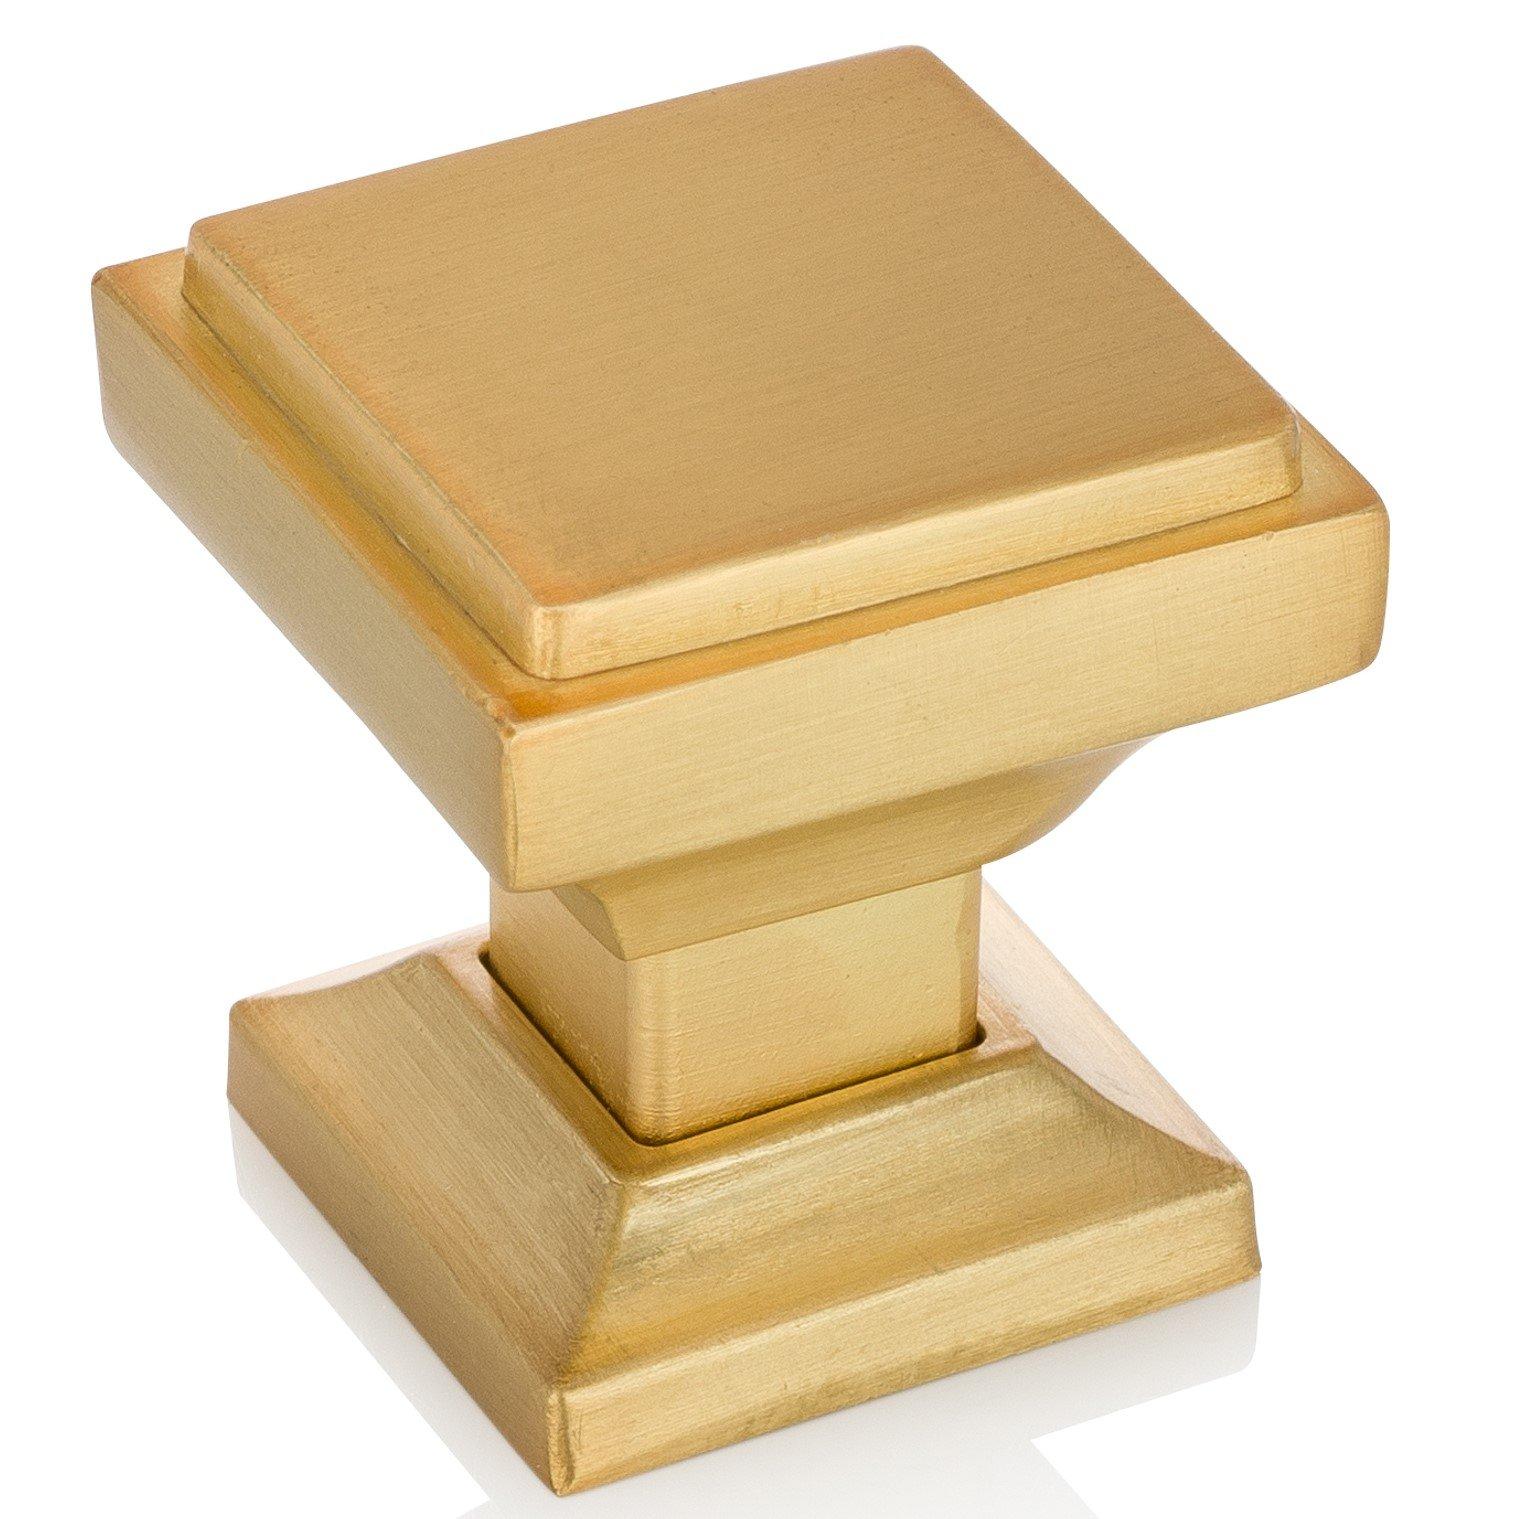 Southern Hills Satin Gold Square Cabinet Knobs Pack Of 5 Kitchen Cabinet Knobs Gold Cabinet Hardware Drawer Knobs Brushed Brass Cupboard Knobs Shkm002 Gld 5 Buy Online In Gibraltar At Gibraltar Desertcart Com Productid